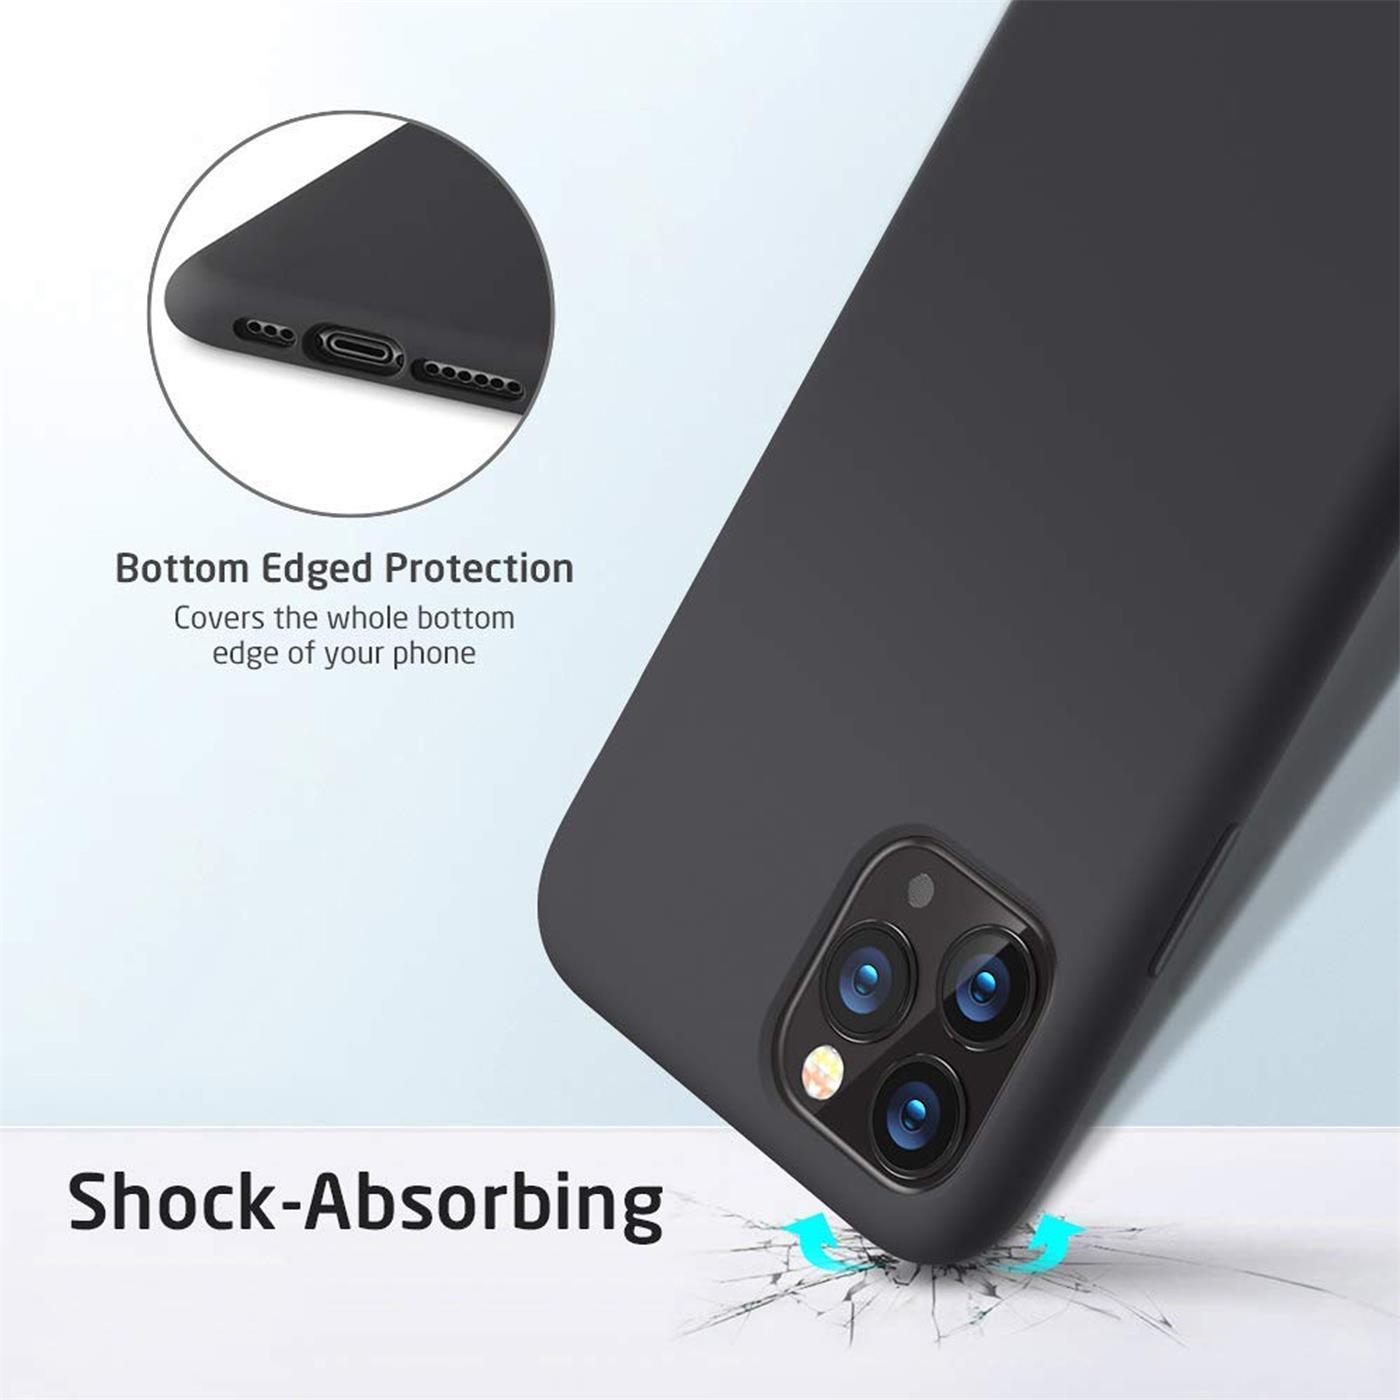 Silikon-Huelle-Schutzhuelle-Handy-Tasche-Handyhuelle-Slim-Case-Cover-Duenn-matt-Etui Indexbild 8